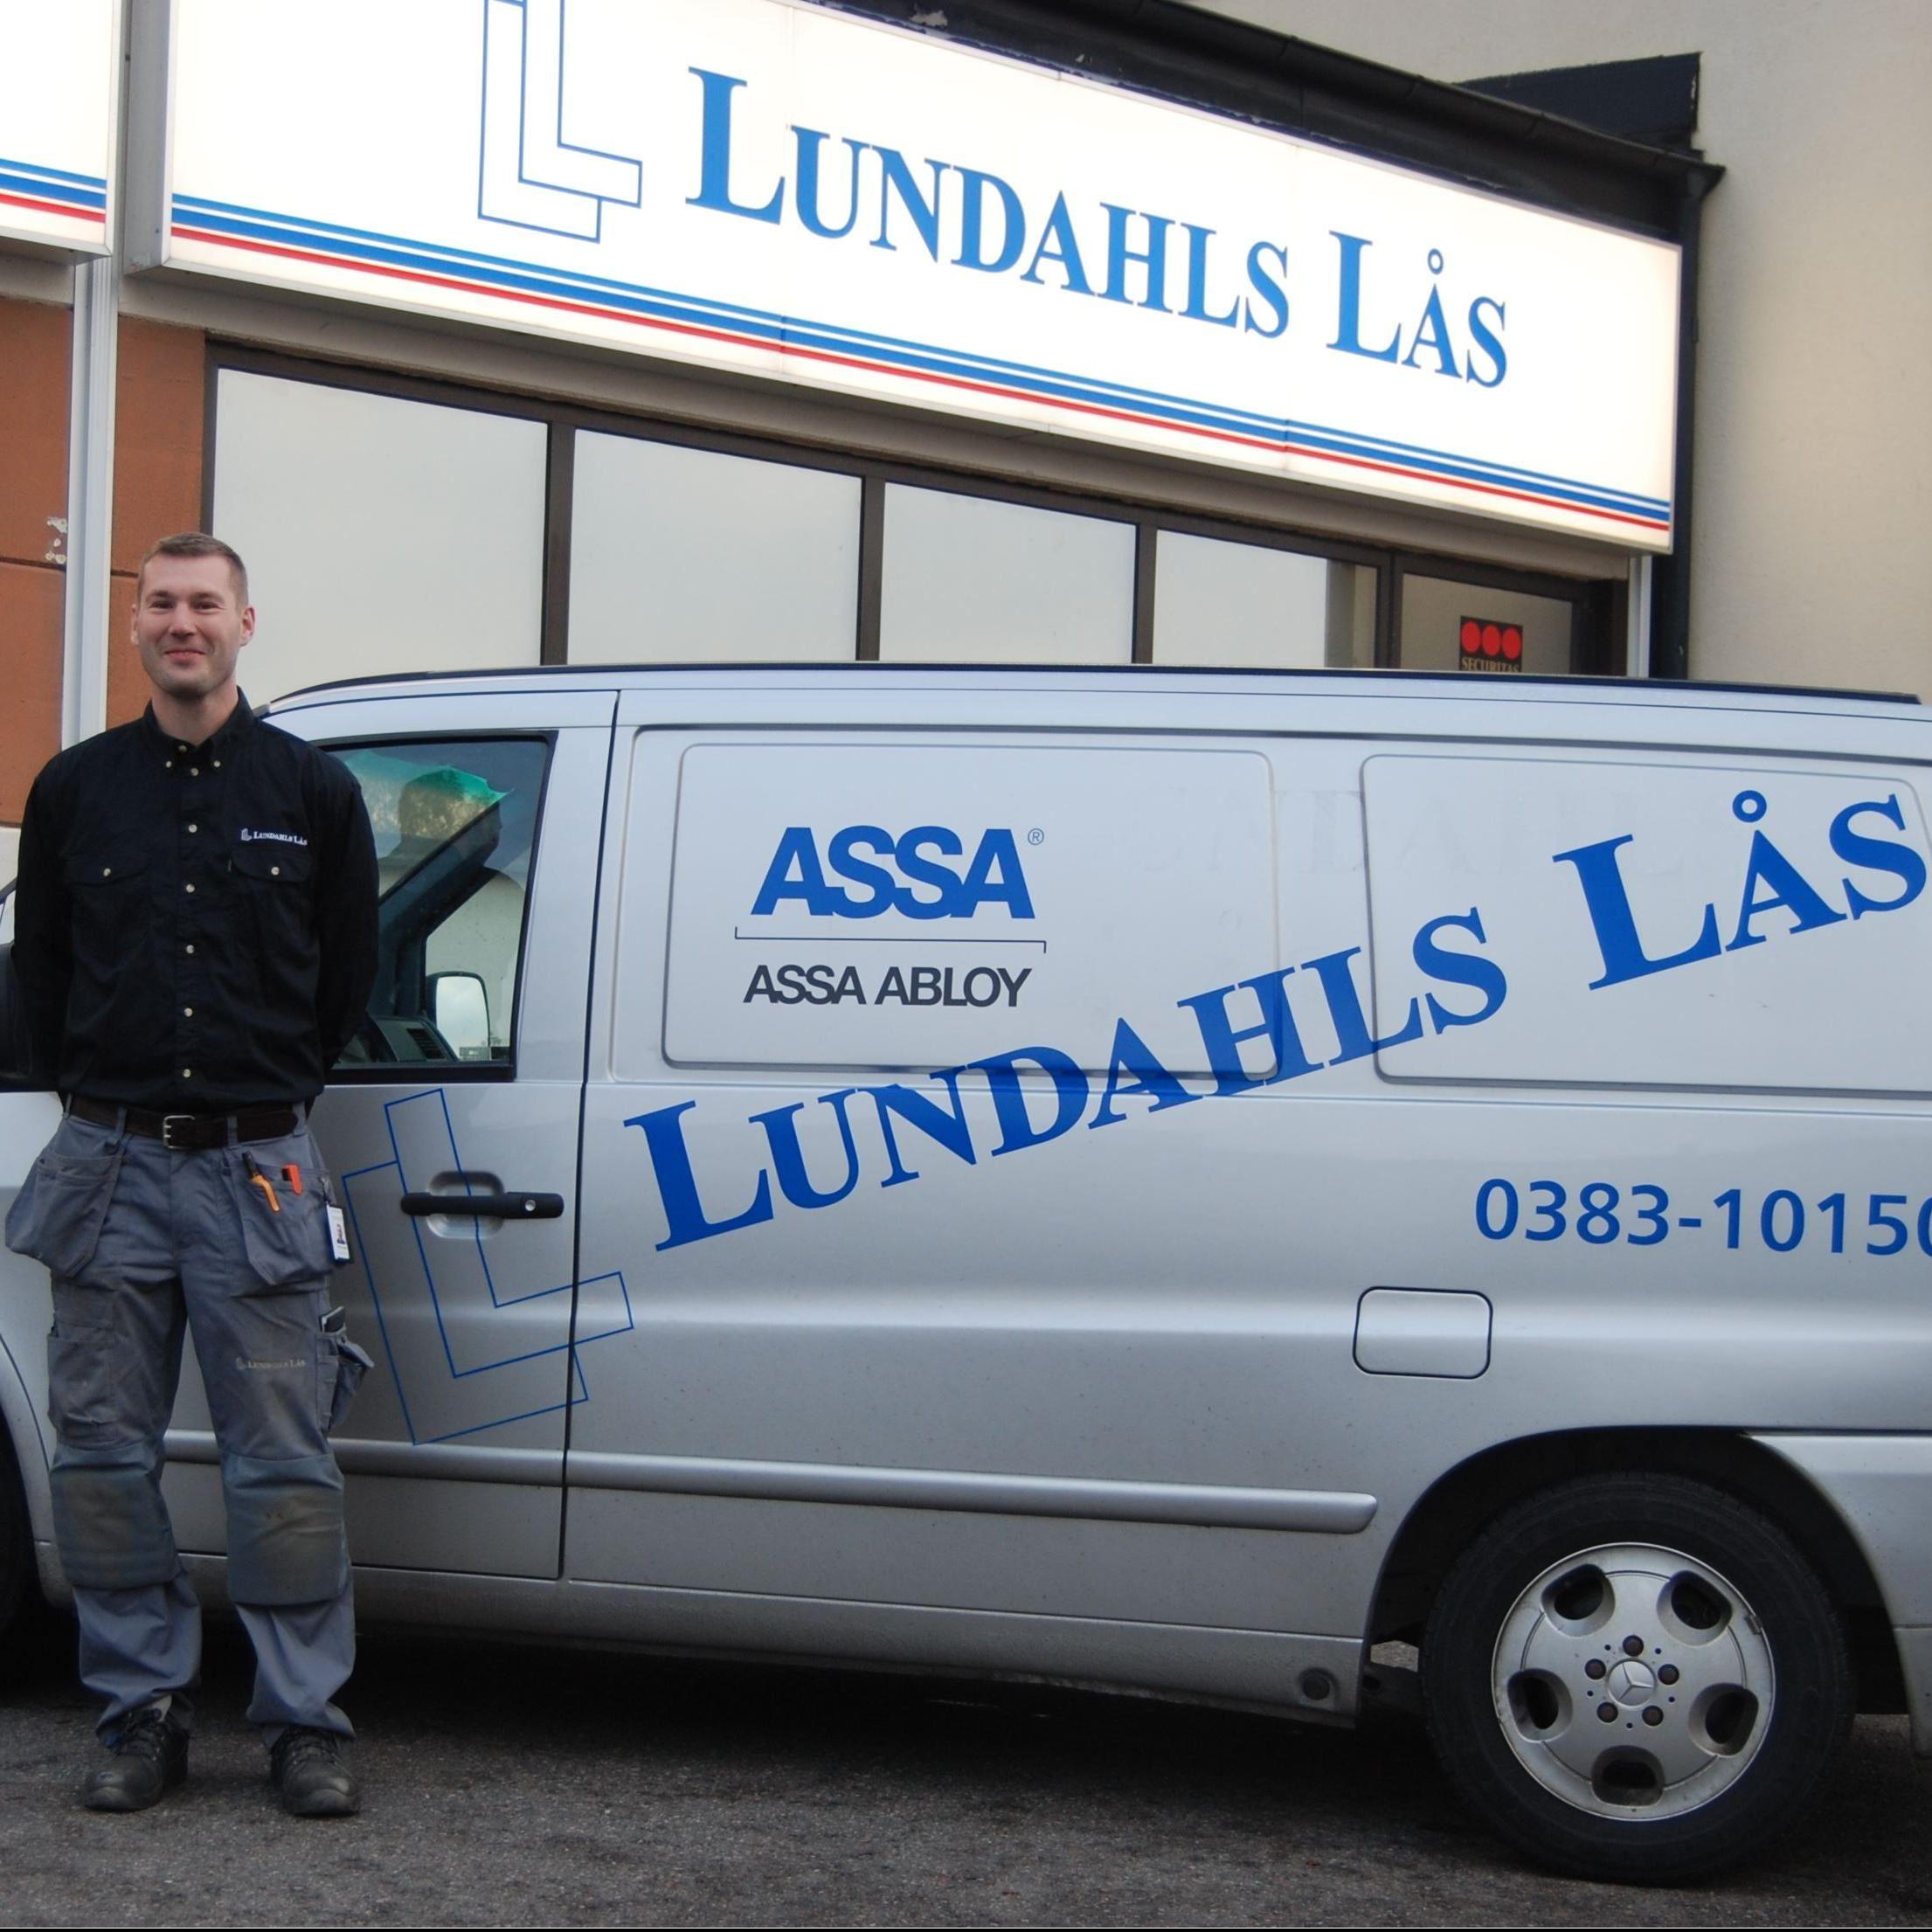 © Magnus Lundahl, Lundahls Lås